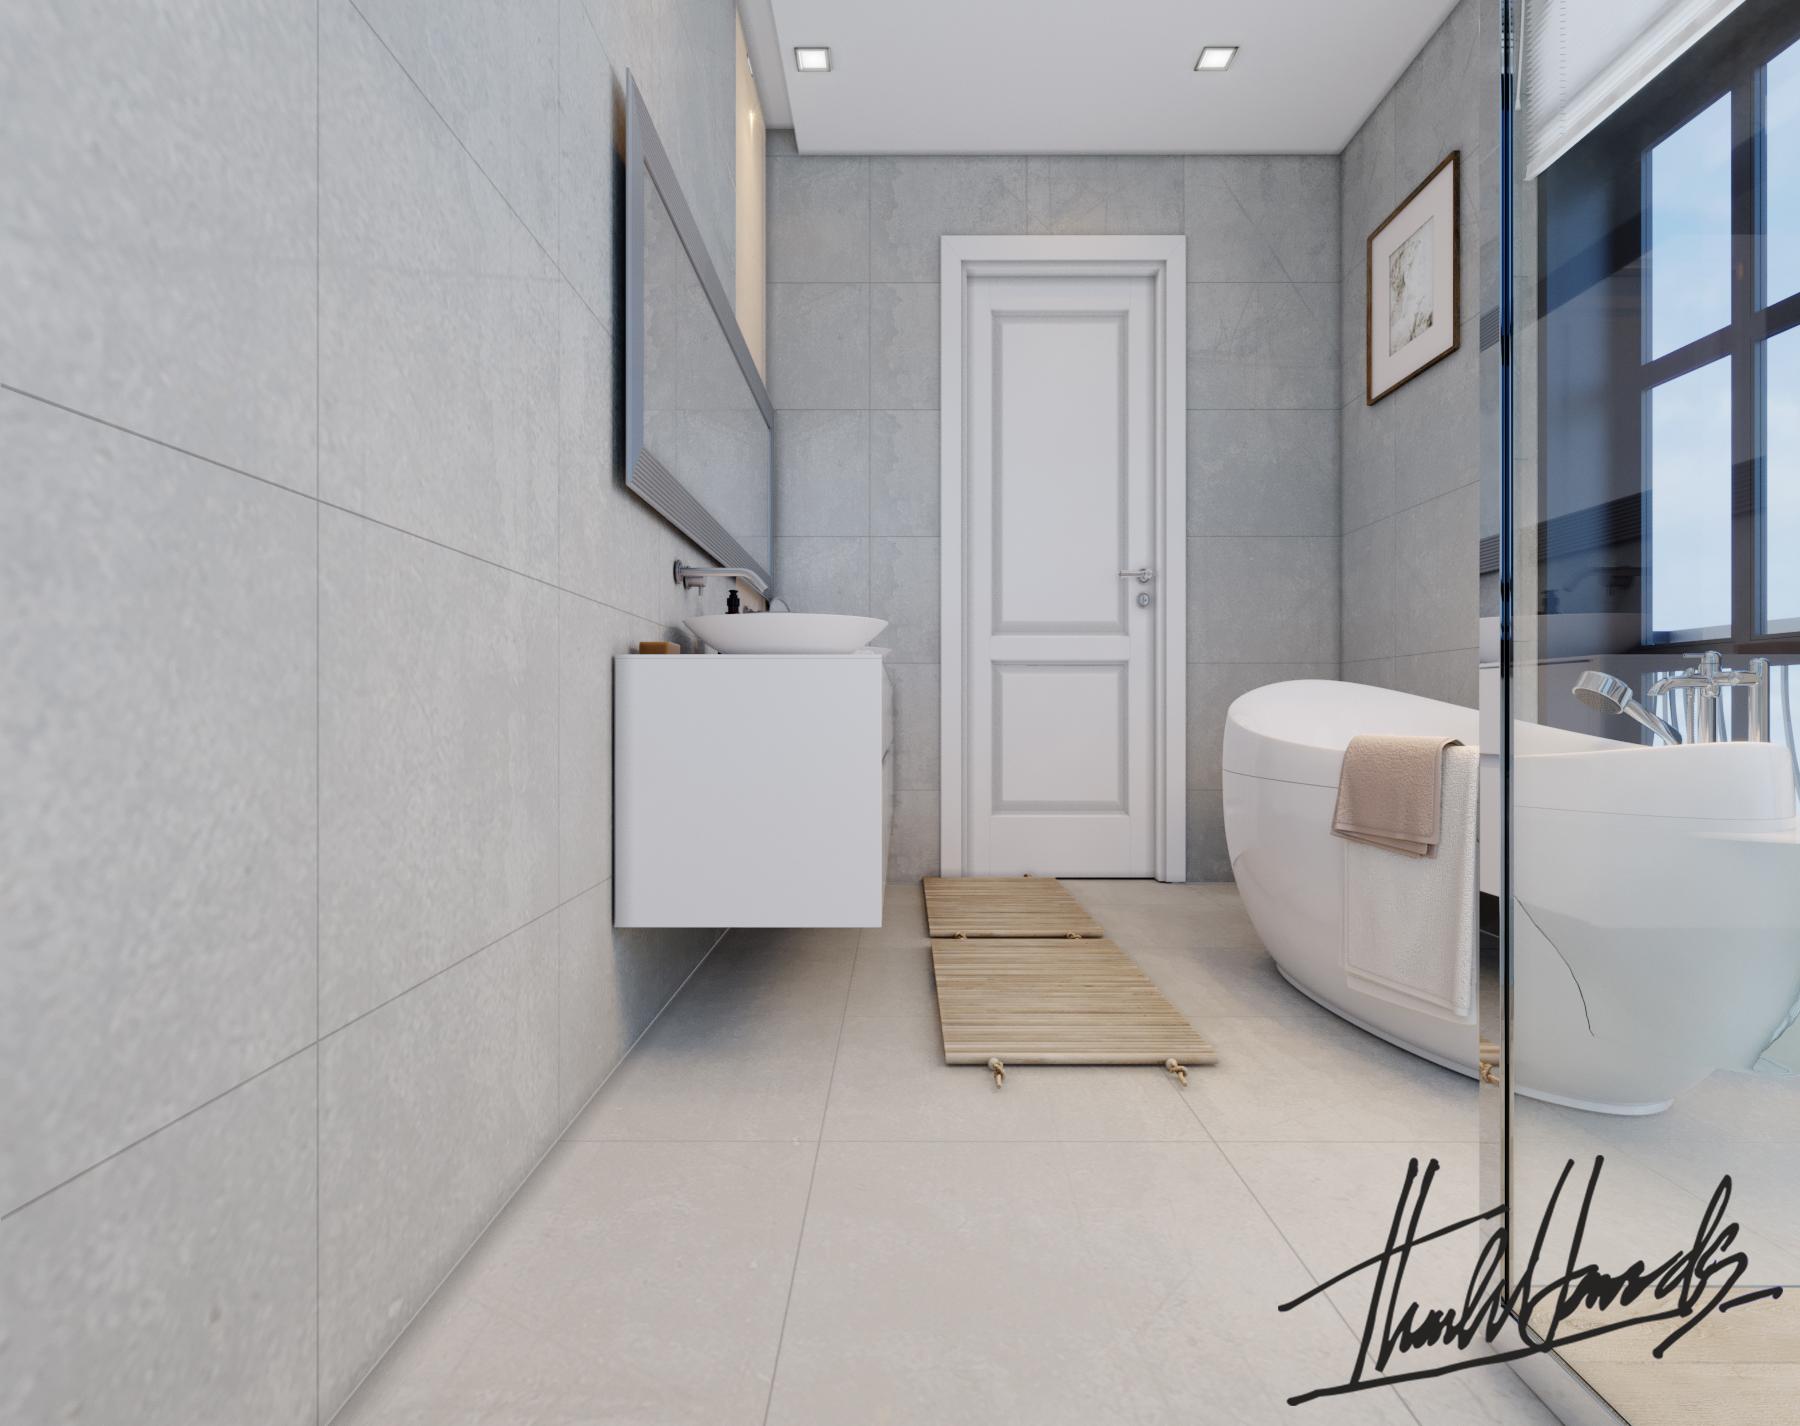 thiết kế nội thất Biệt Thự tại Hải Phòng Biệt thự Vinhomes - imperia ( khu VEN) 32 1568278789